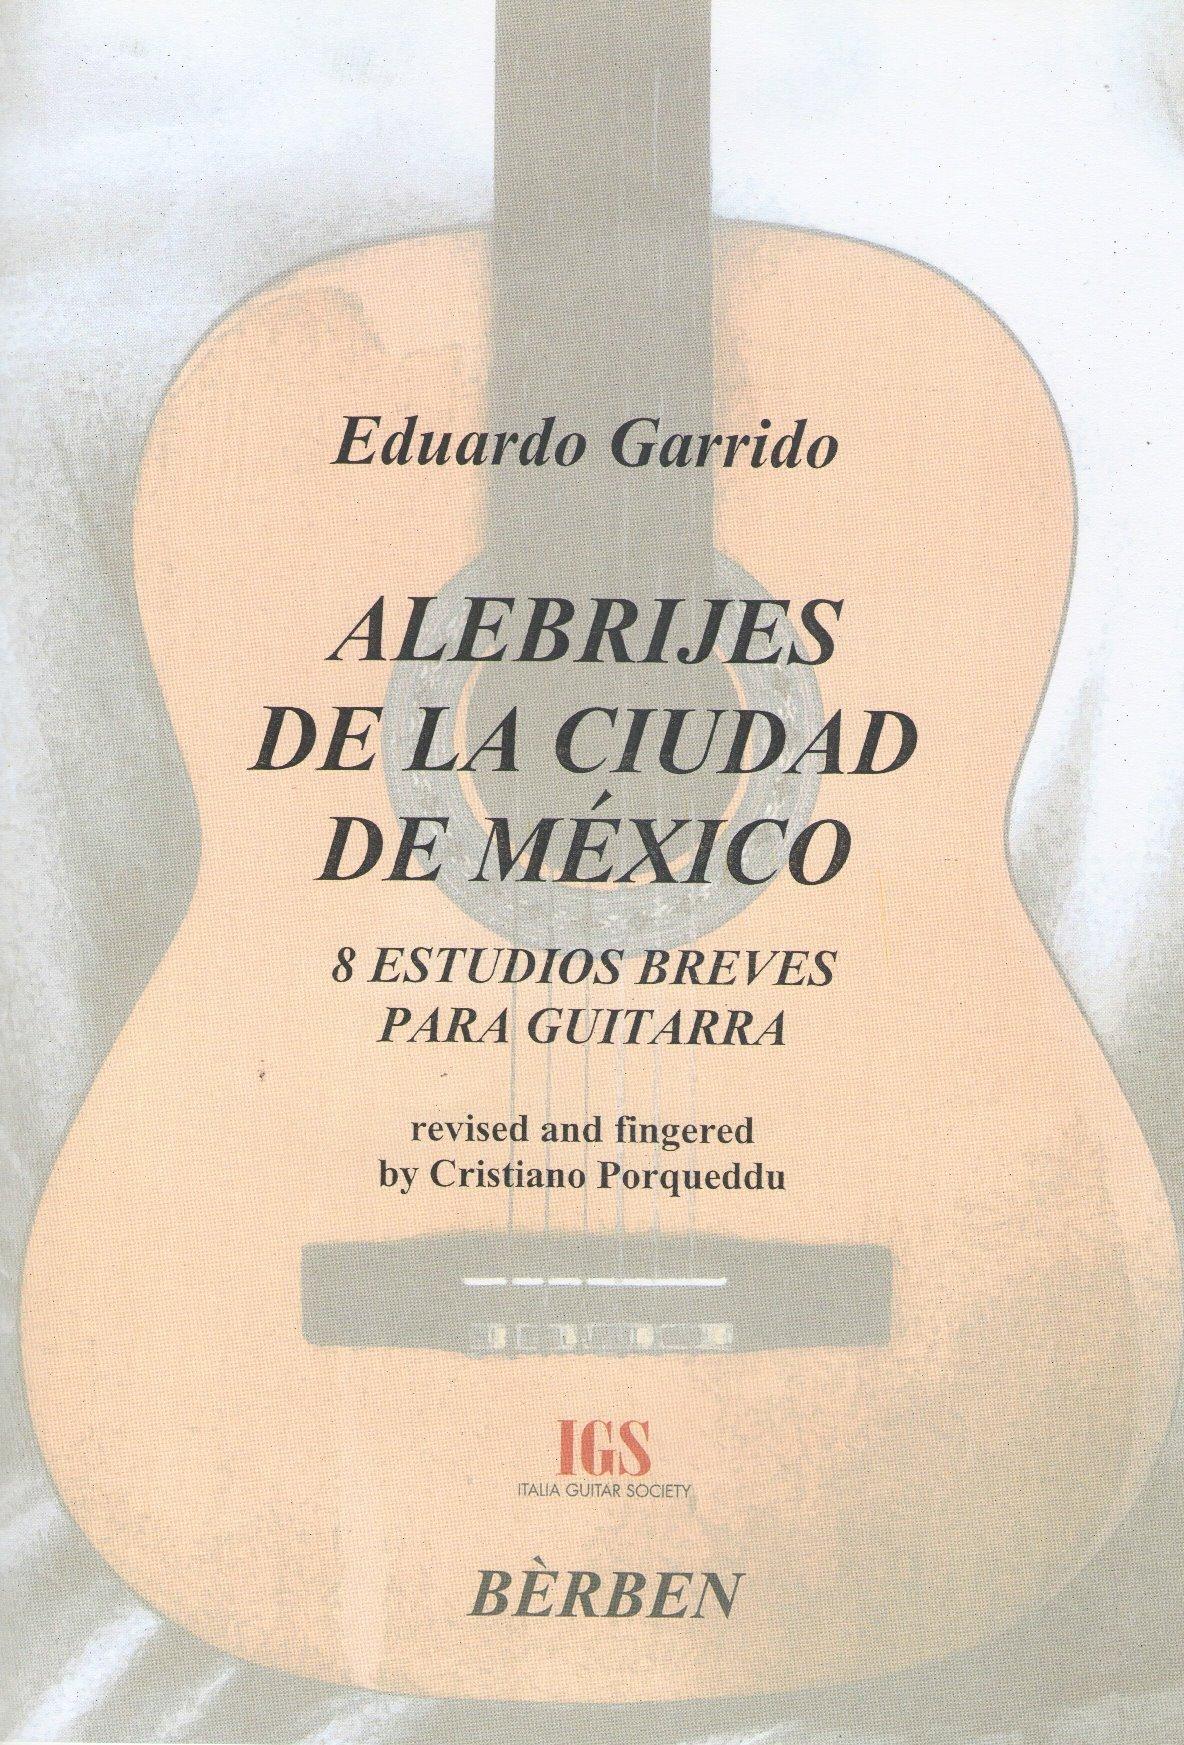 Eduardo Garrido,  Alebrijes de la ciudad de México